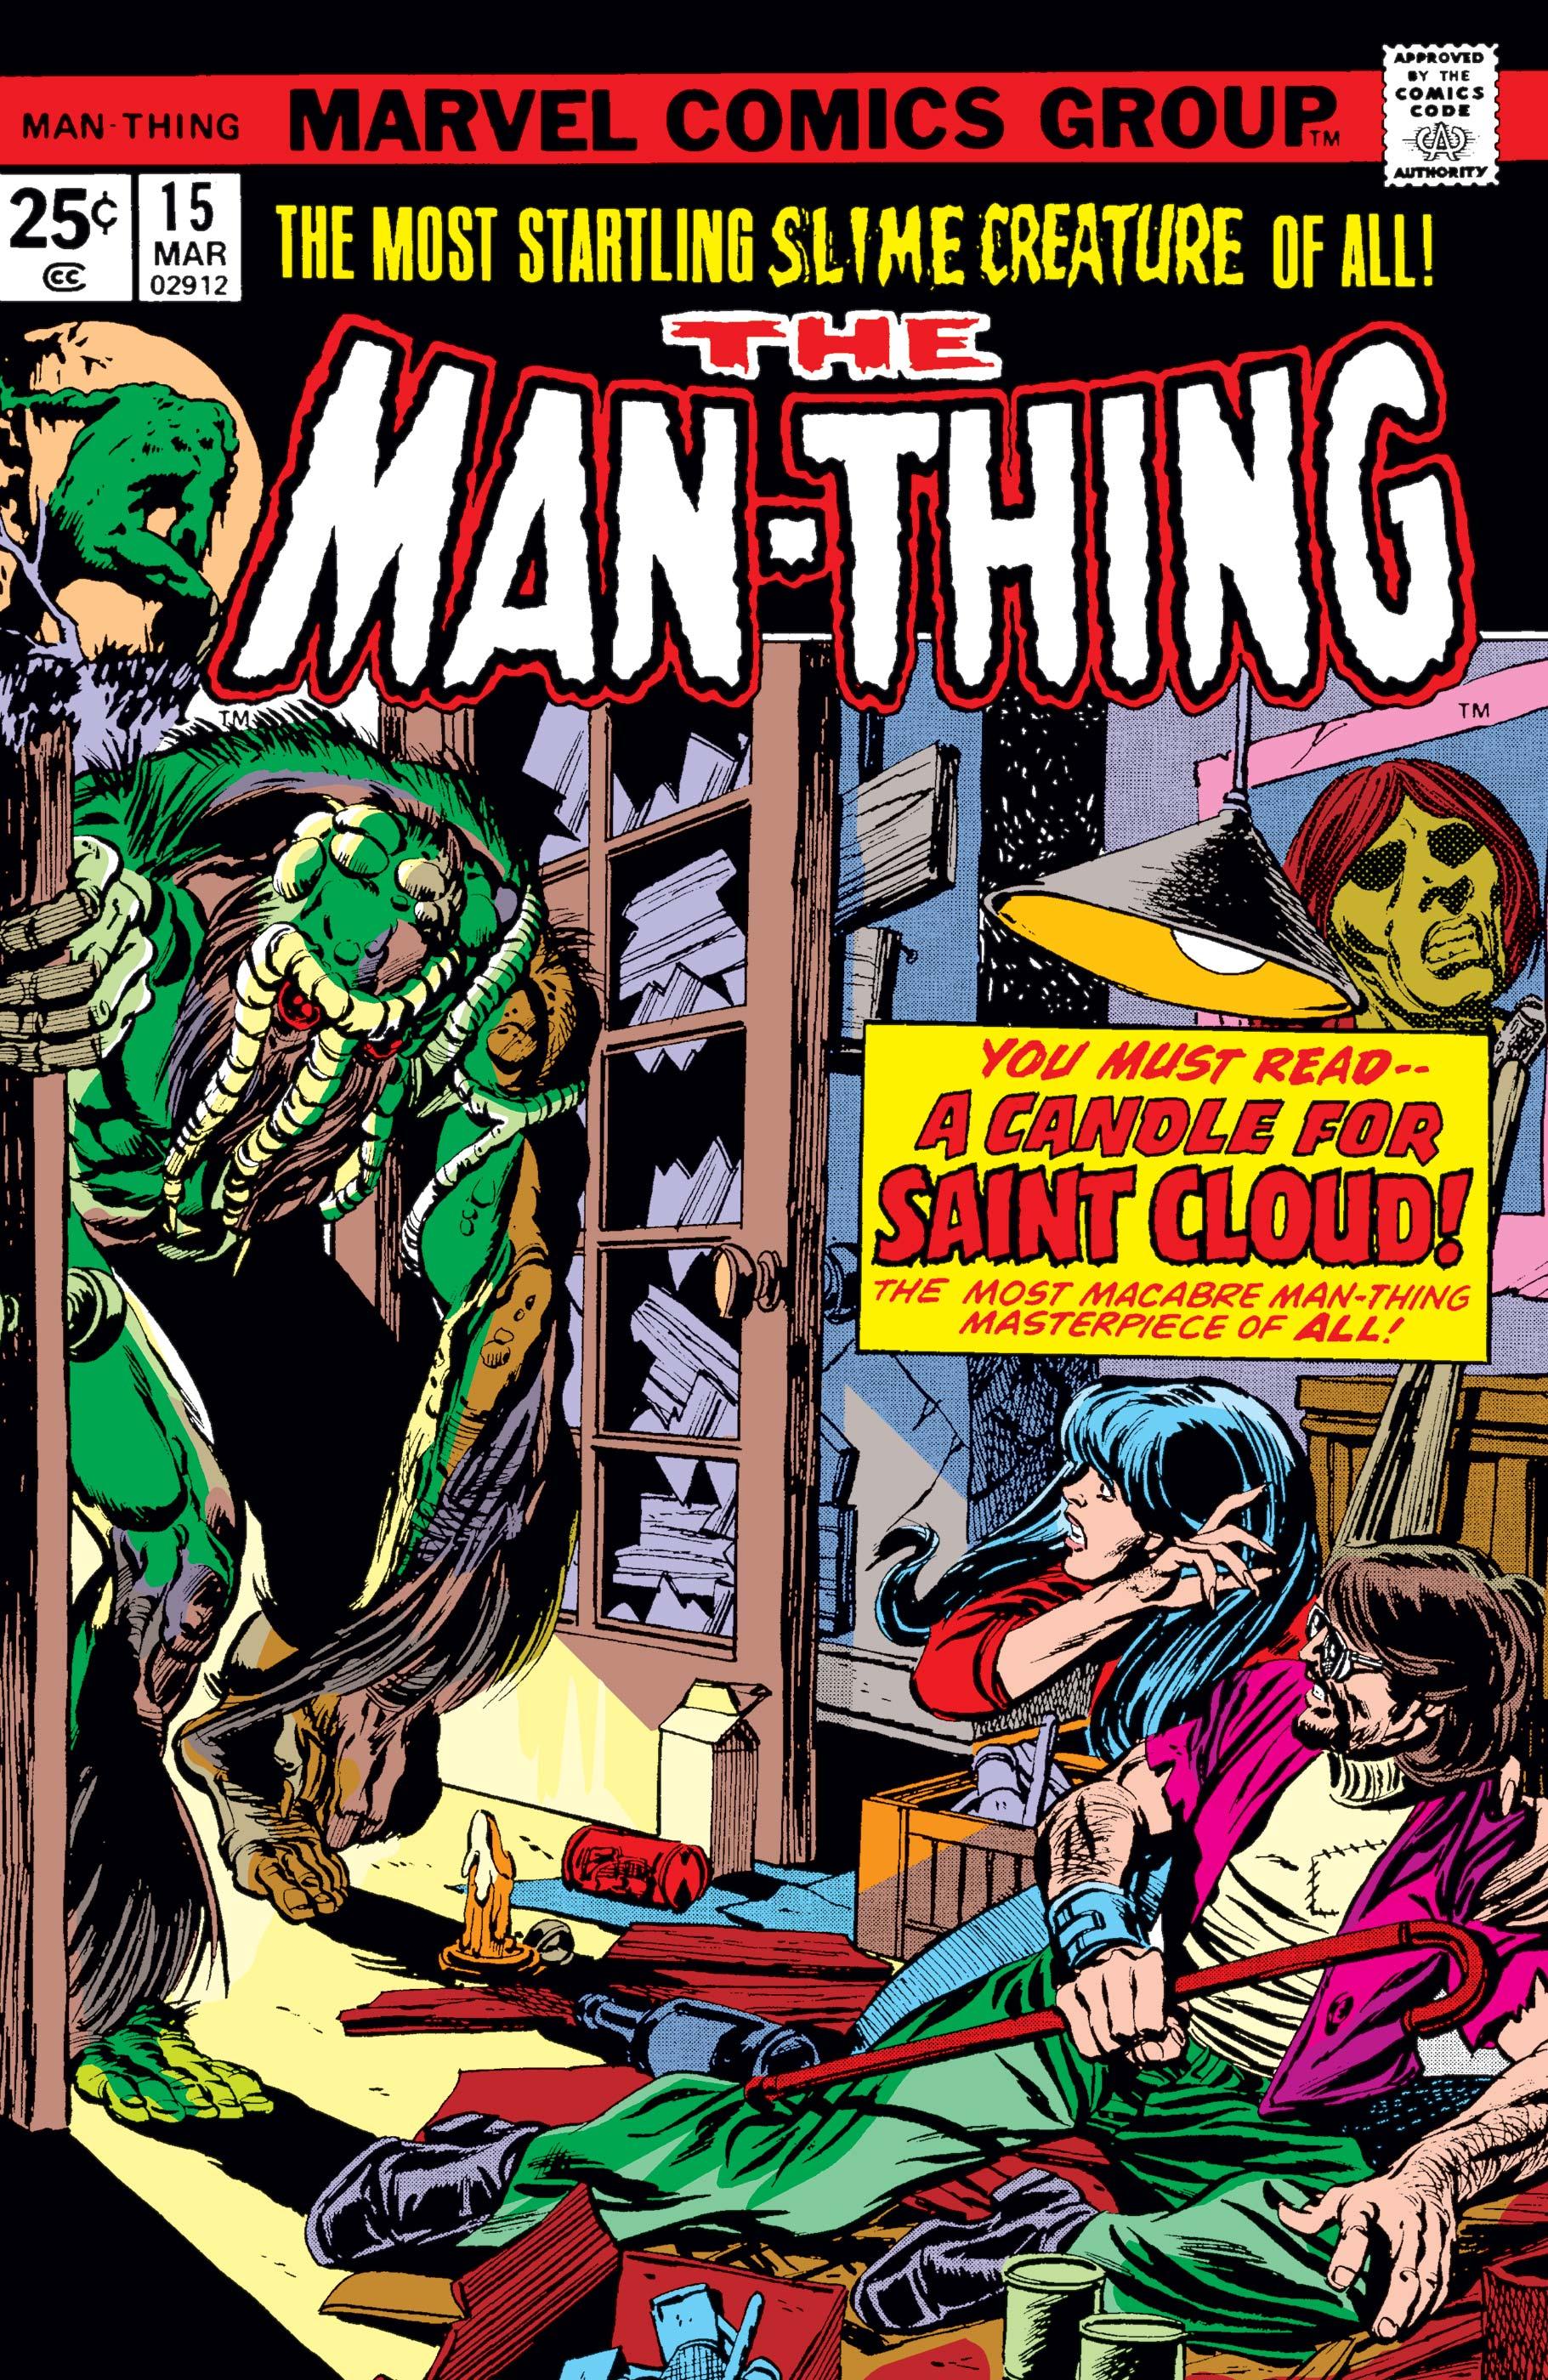 Man-Thing (1974) #15